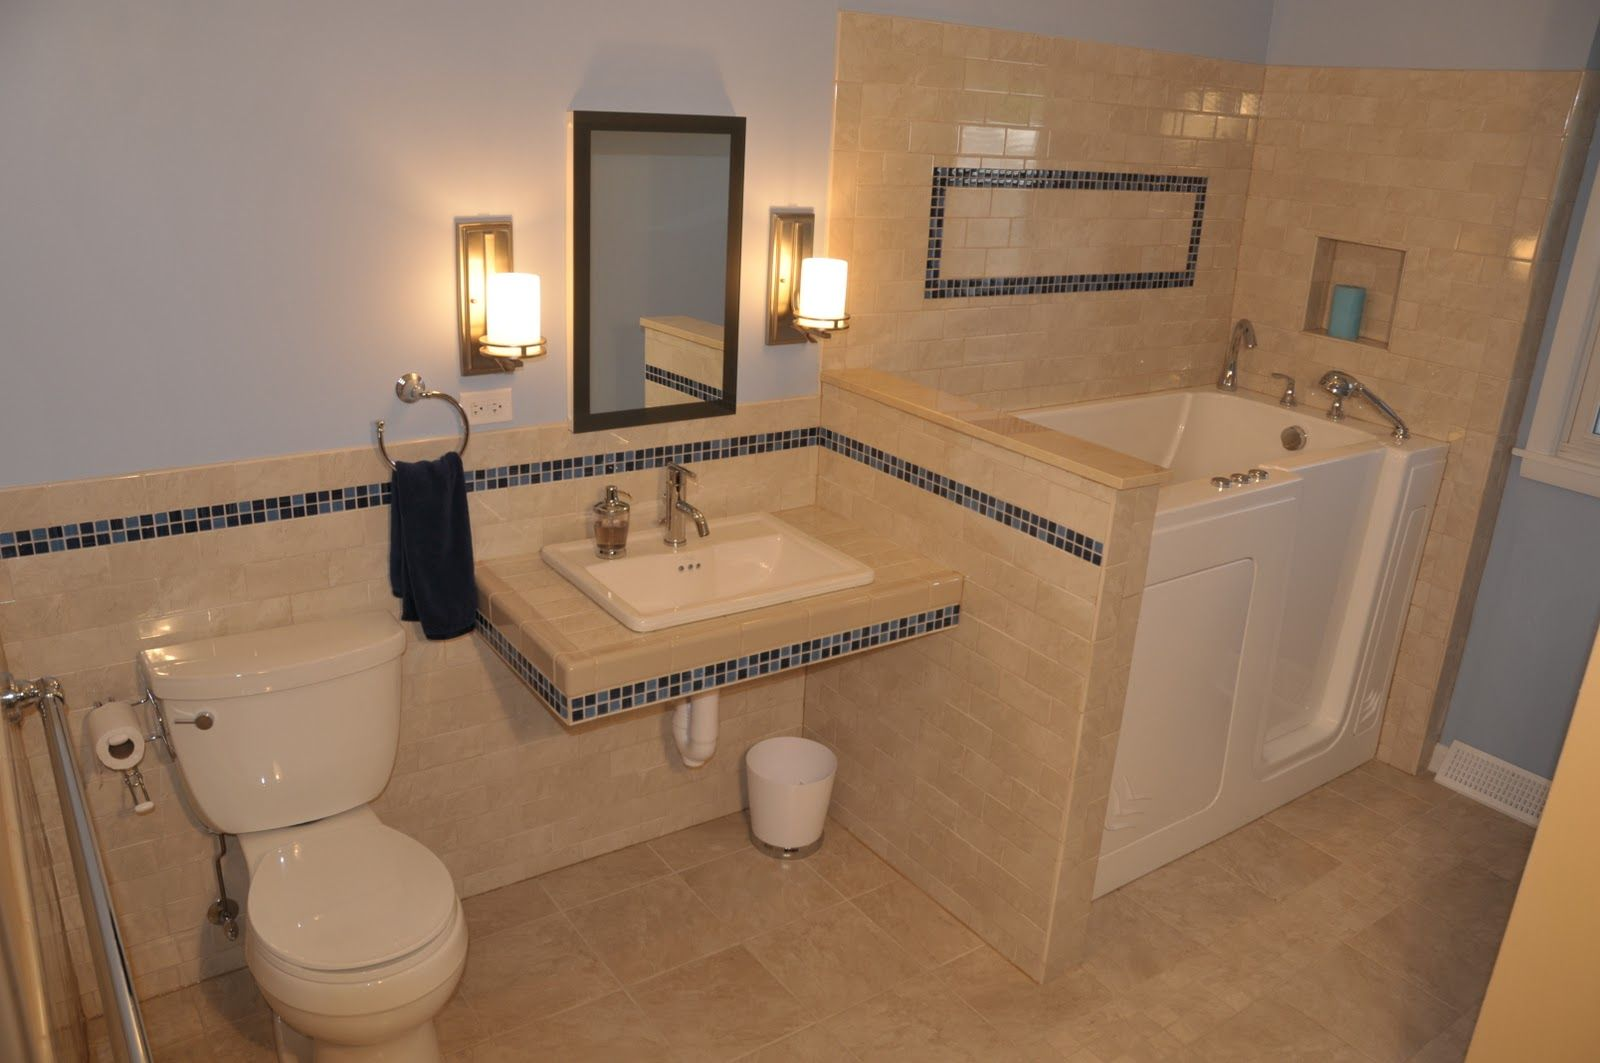 Best Kitchen Gallery: Wheelchair Accessible Bathrooms Gallery Of Accessible Bathrooms of Accessible Bathroom Design Ideas  on rachelxblog.com